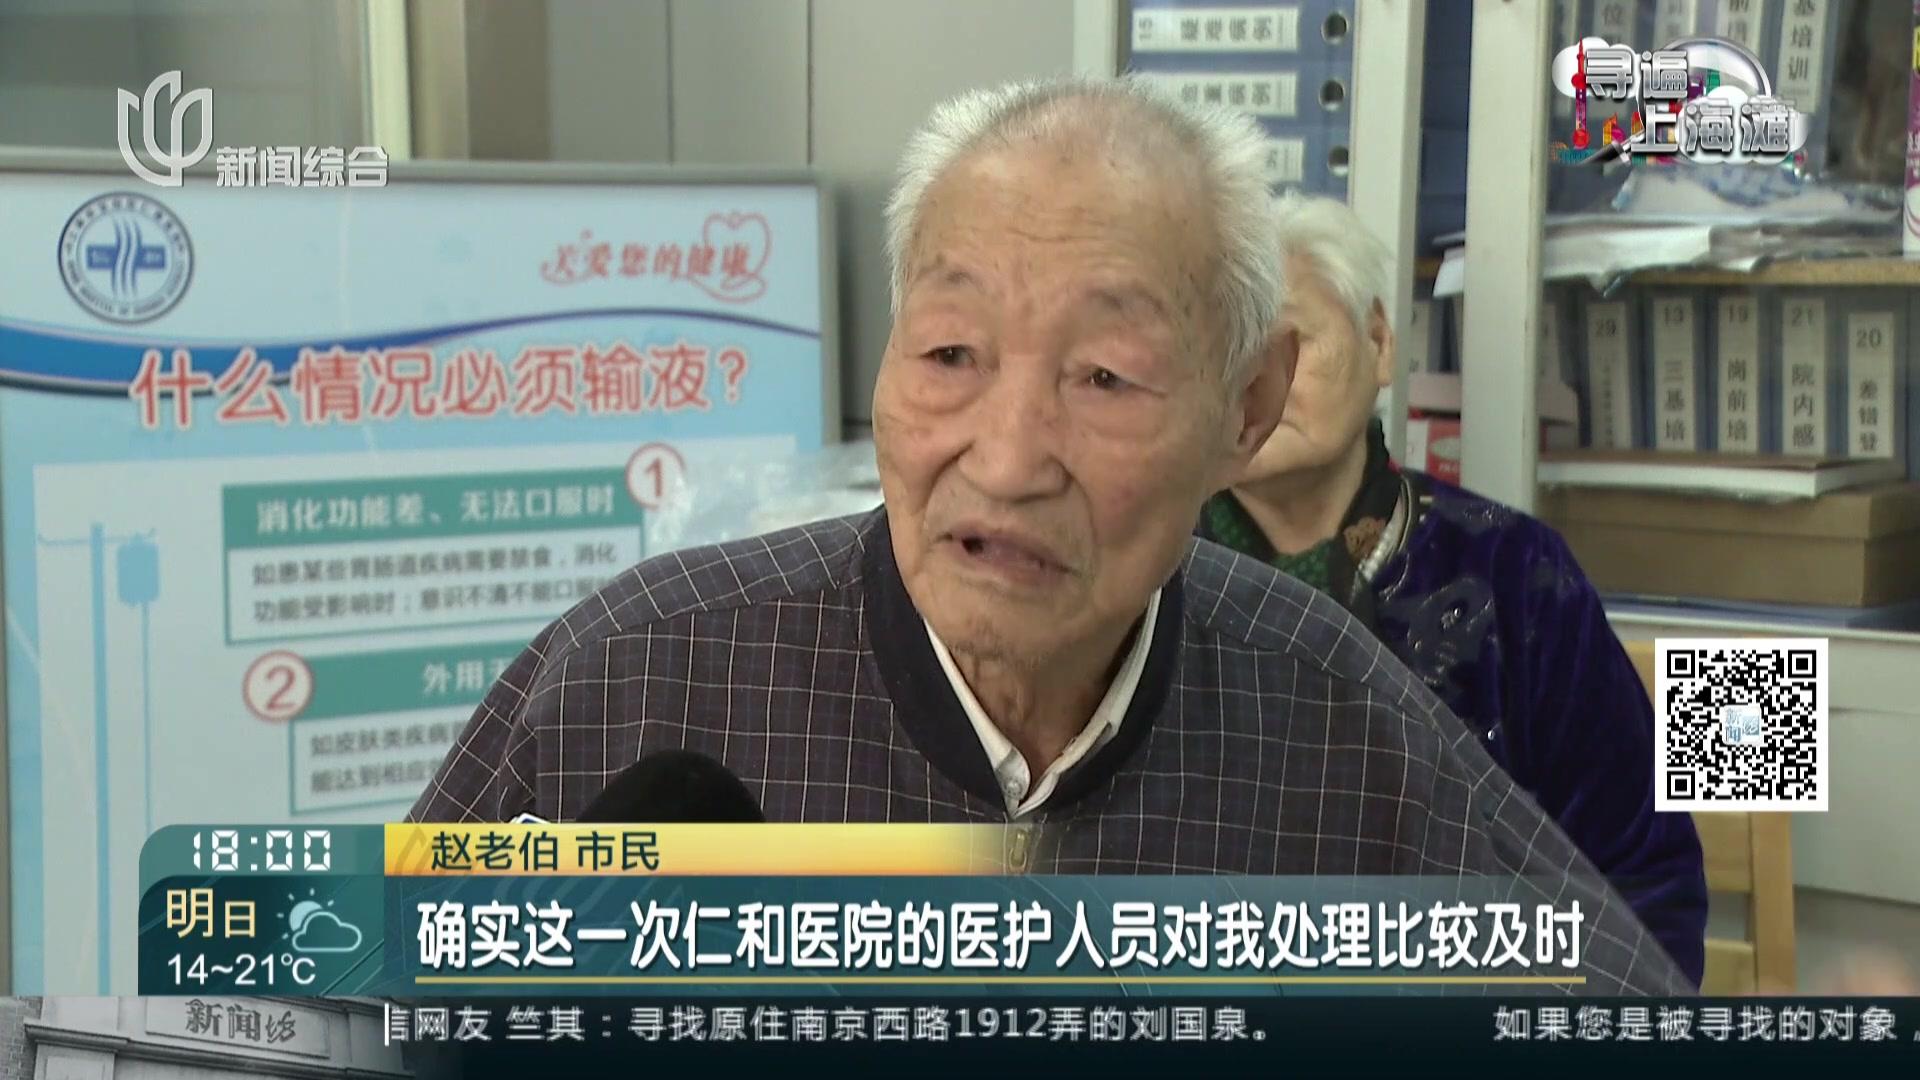 忘取诊断报告回家去  院方寻找老人方脱险